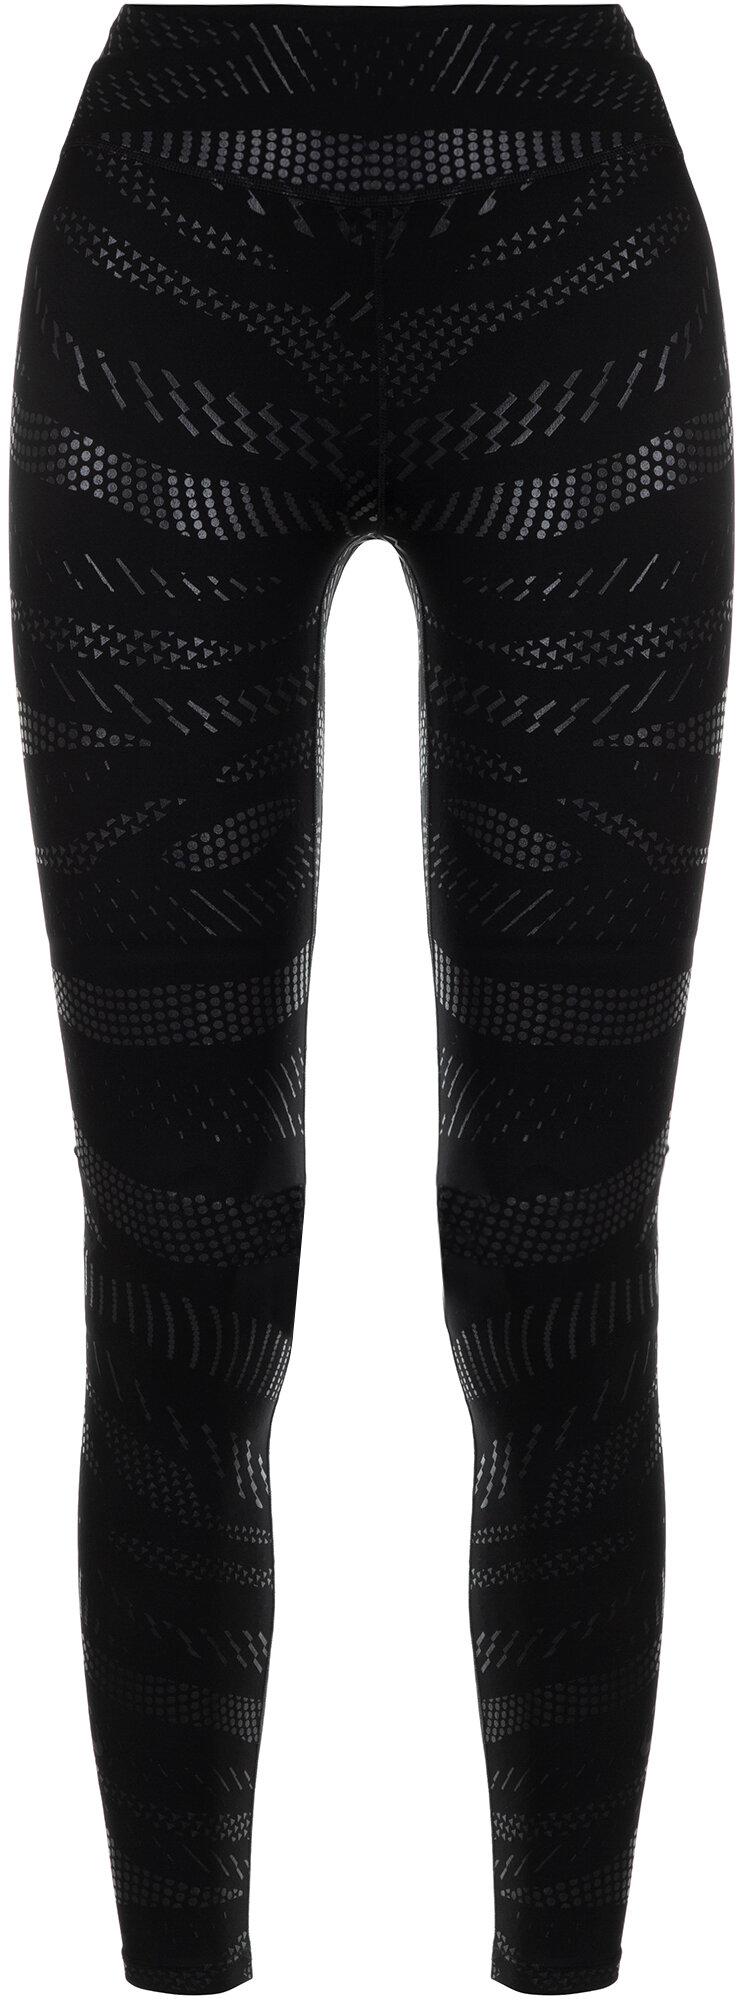 Легинсы женские Nike All-In, размер 46-48